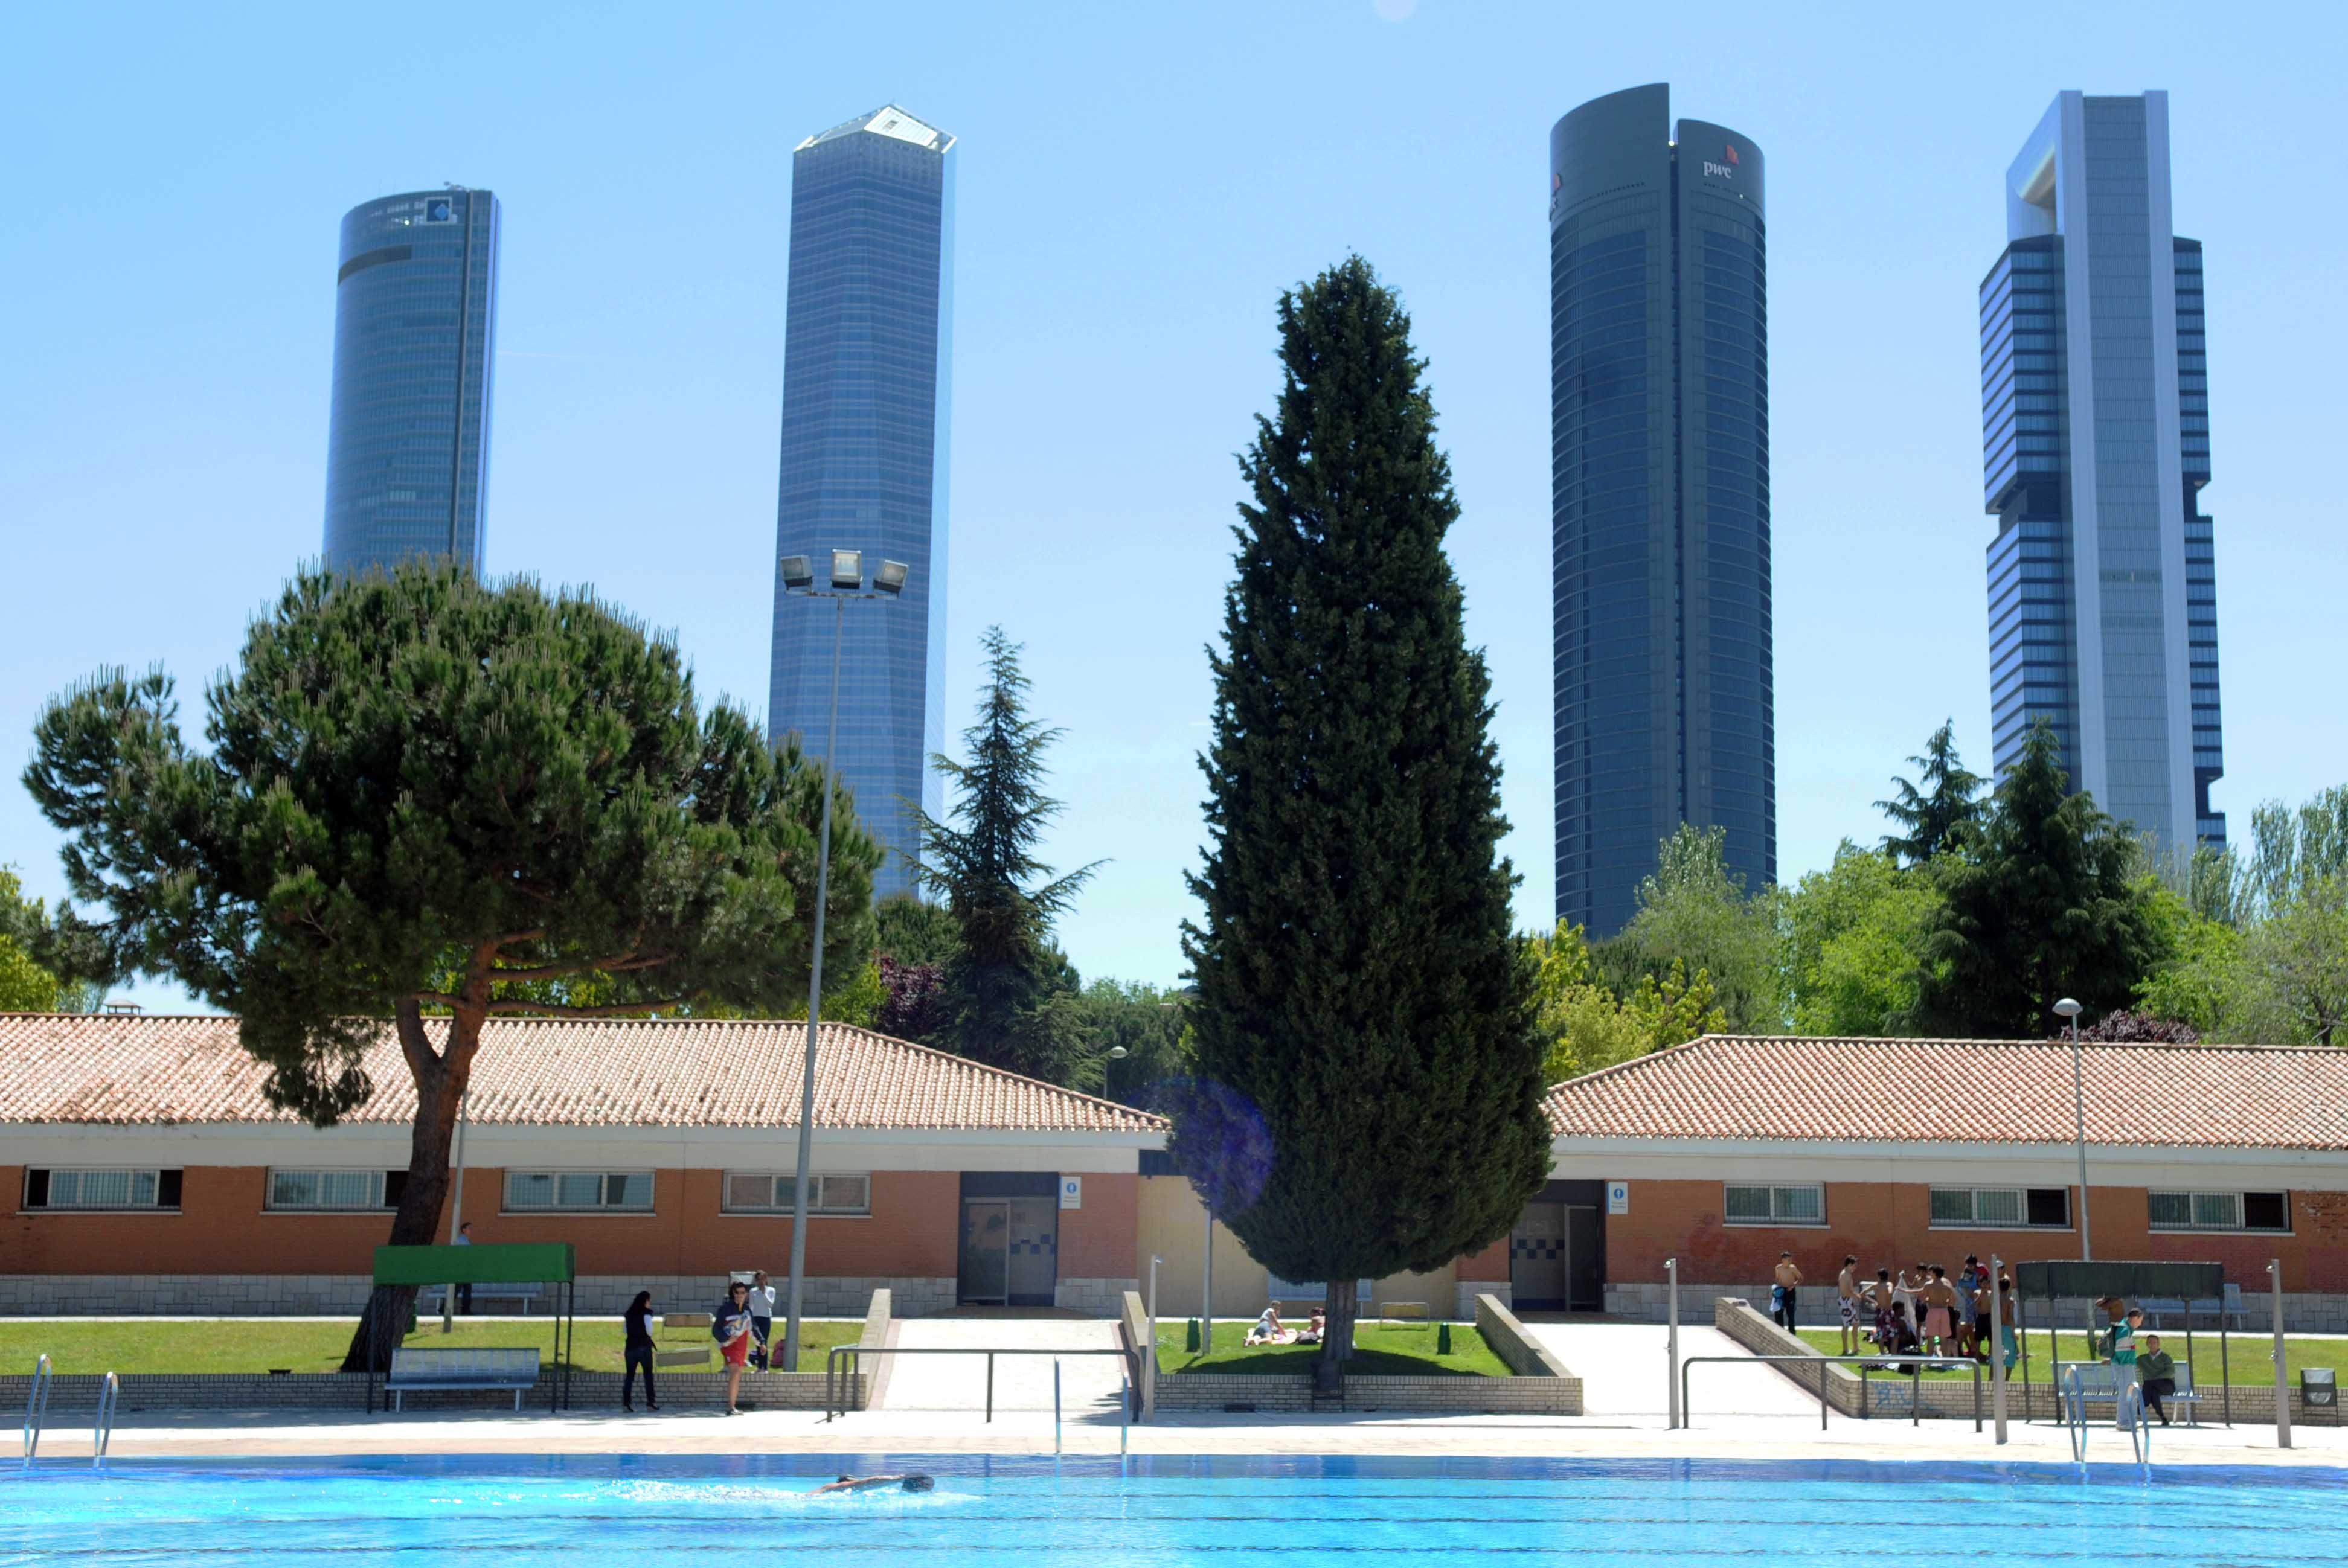 Hoy se abren las piscinas municipales ayuntamiento de madrid for Piscina municipal vicente del bosque